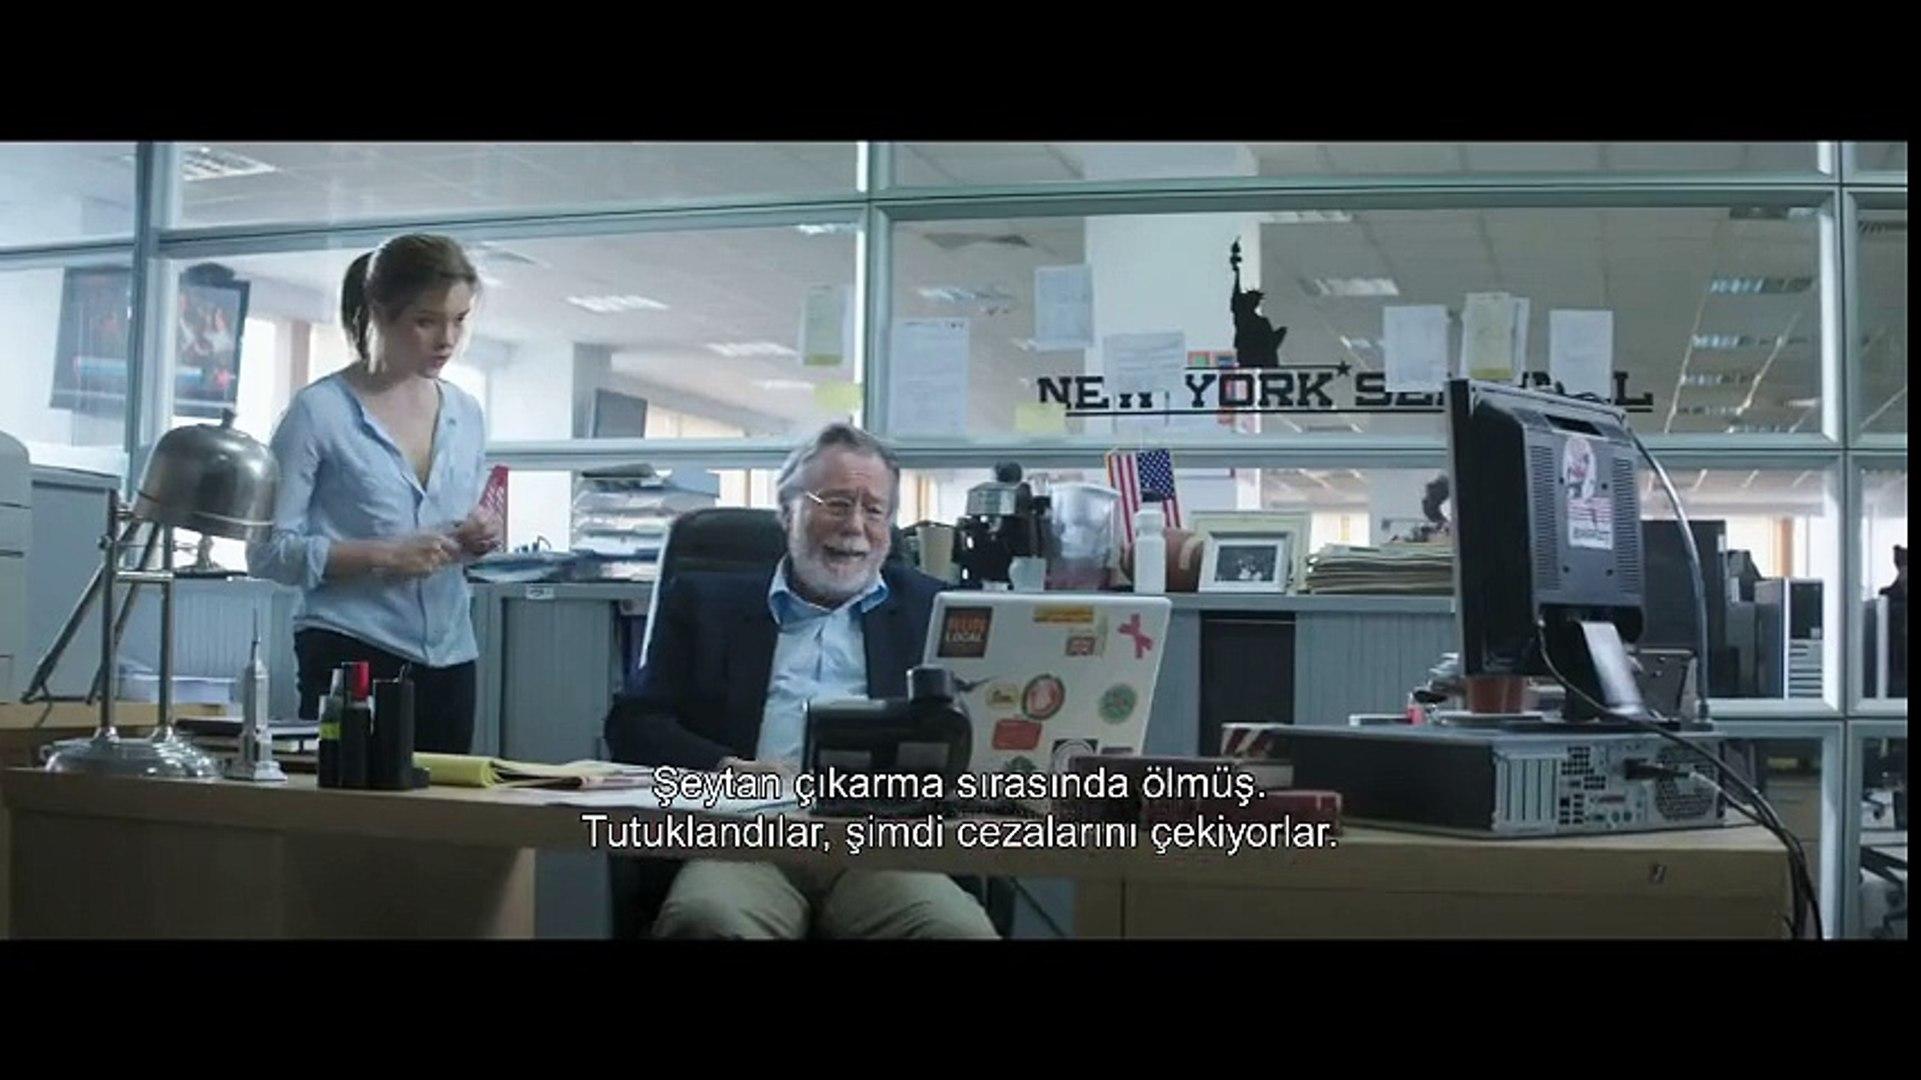 Korku Kayıtları (The Crucifixion) filmi -Türkçe Altyazı Fragman